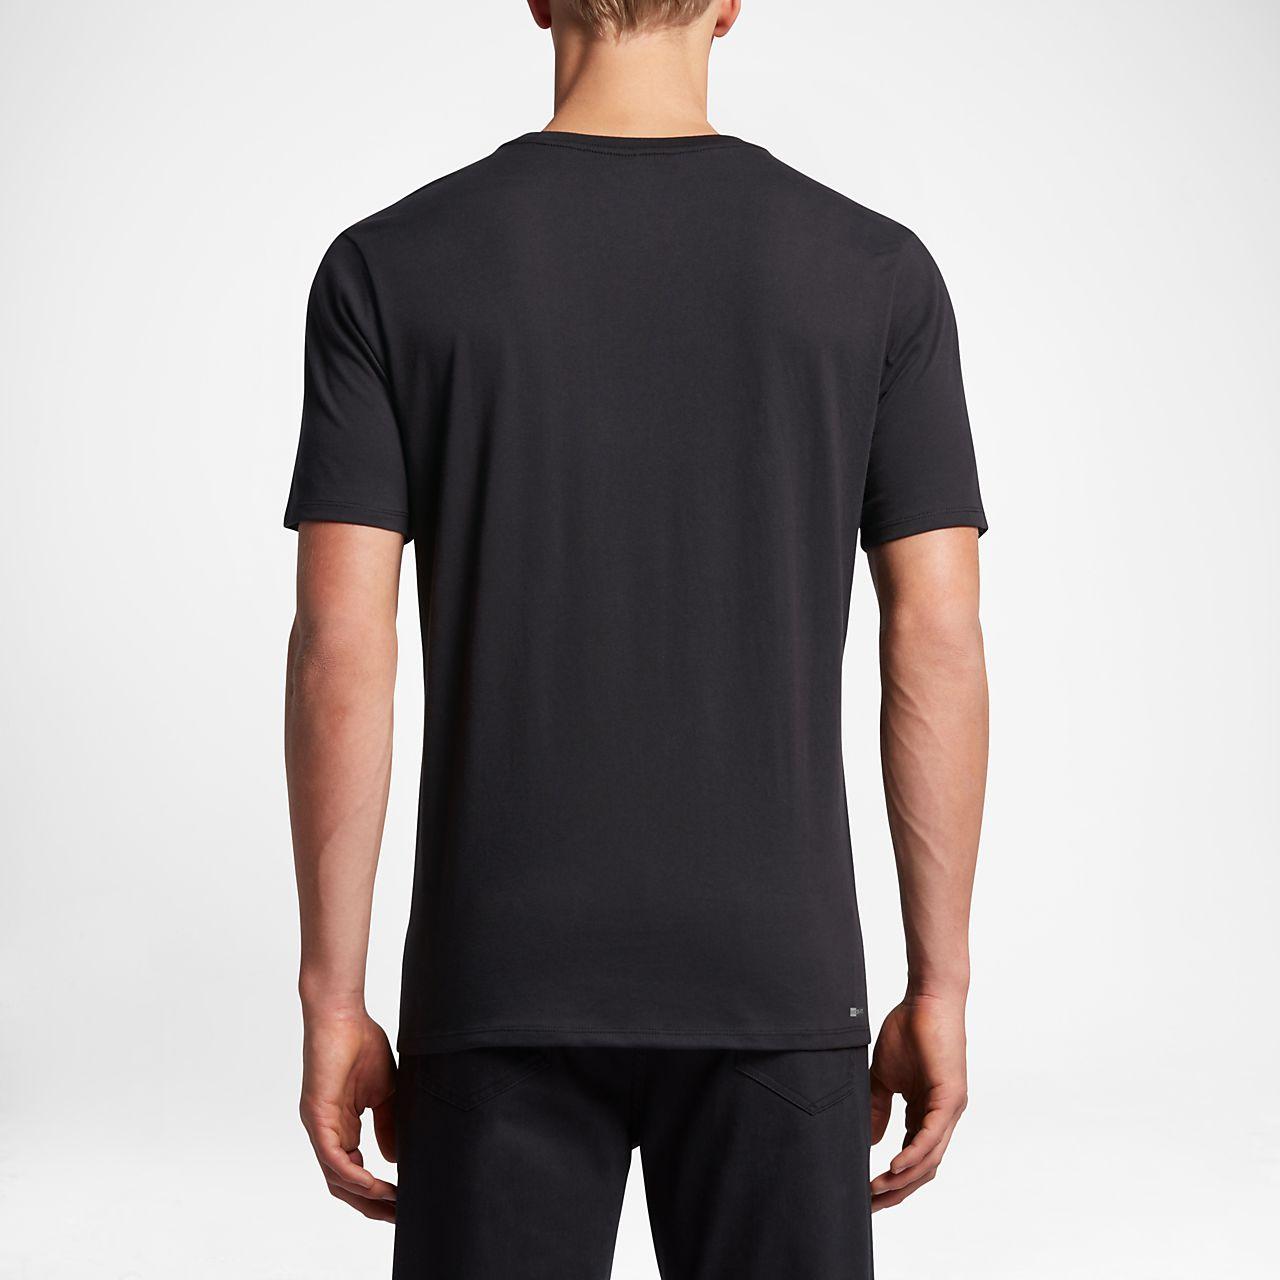 ... Hurley Dri-FIT Global Men's T-Shirt